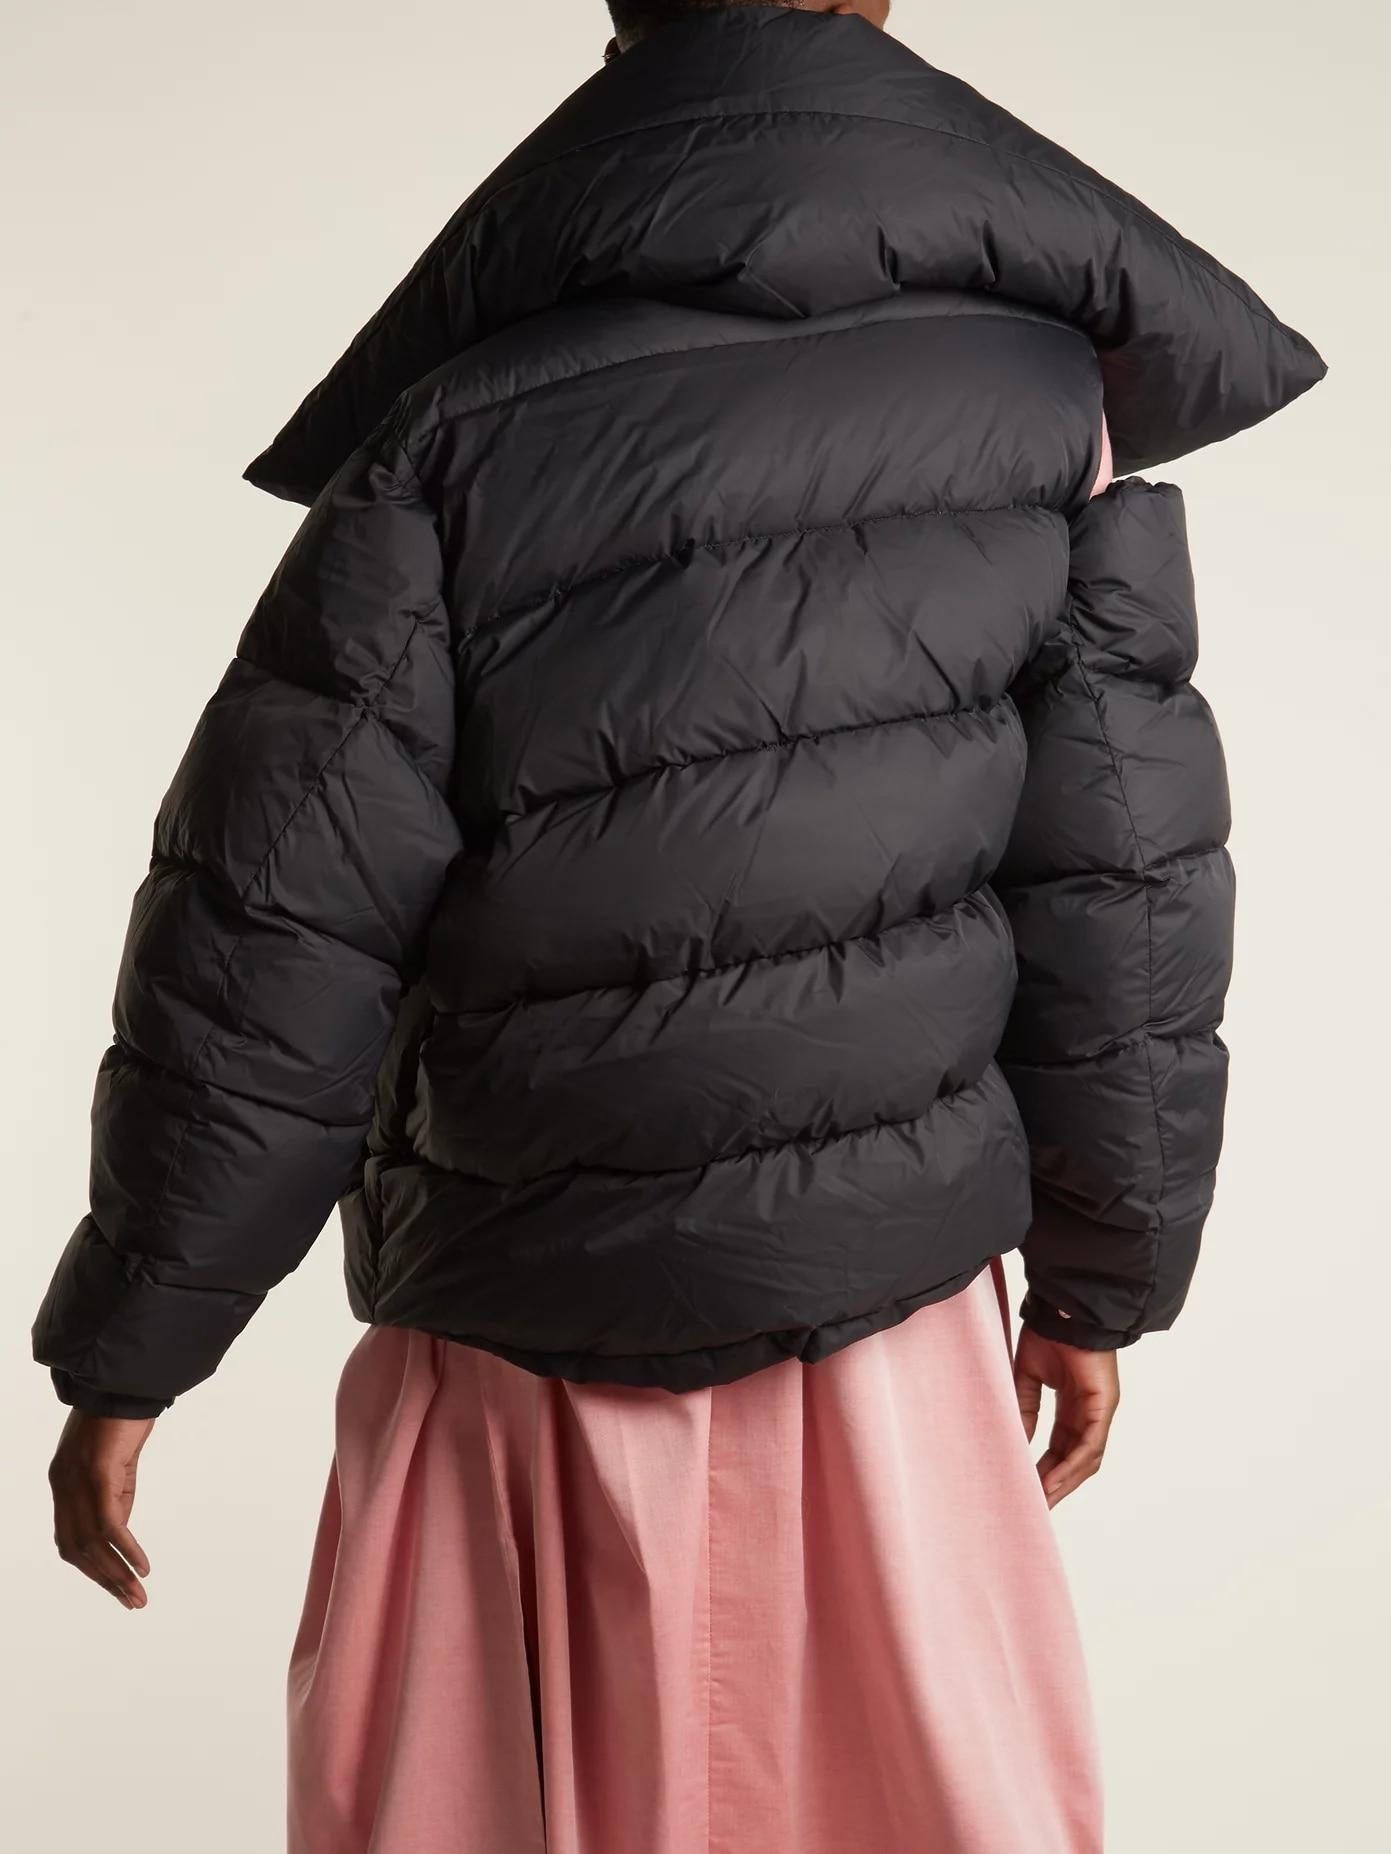 Automne Bouton Aucun Pardessus Court Irrégulière Survêtement 2019 Qualité Fahion Coton Slim Rembourré Puffy Hiver Manteau Noir Hight Chaud zOc5WcqR